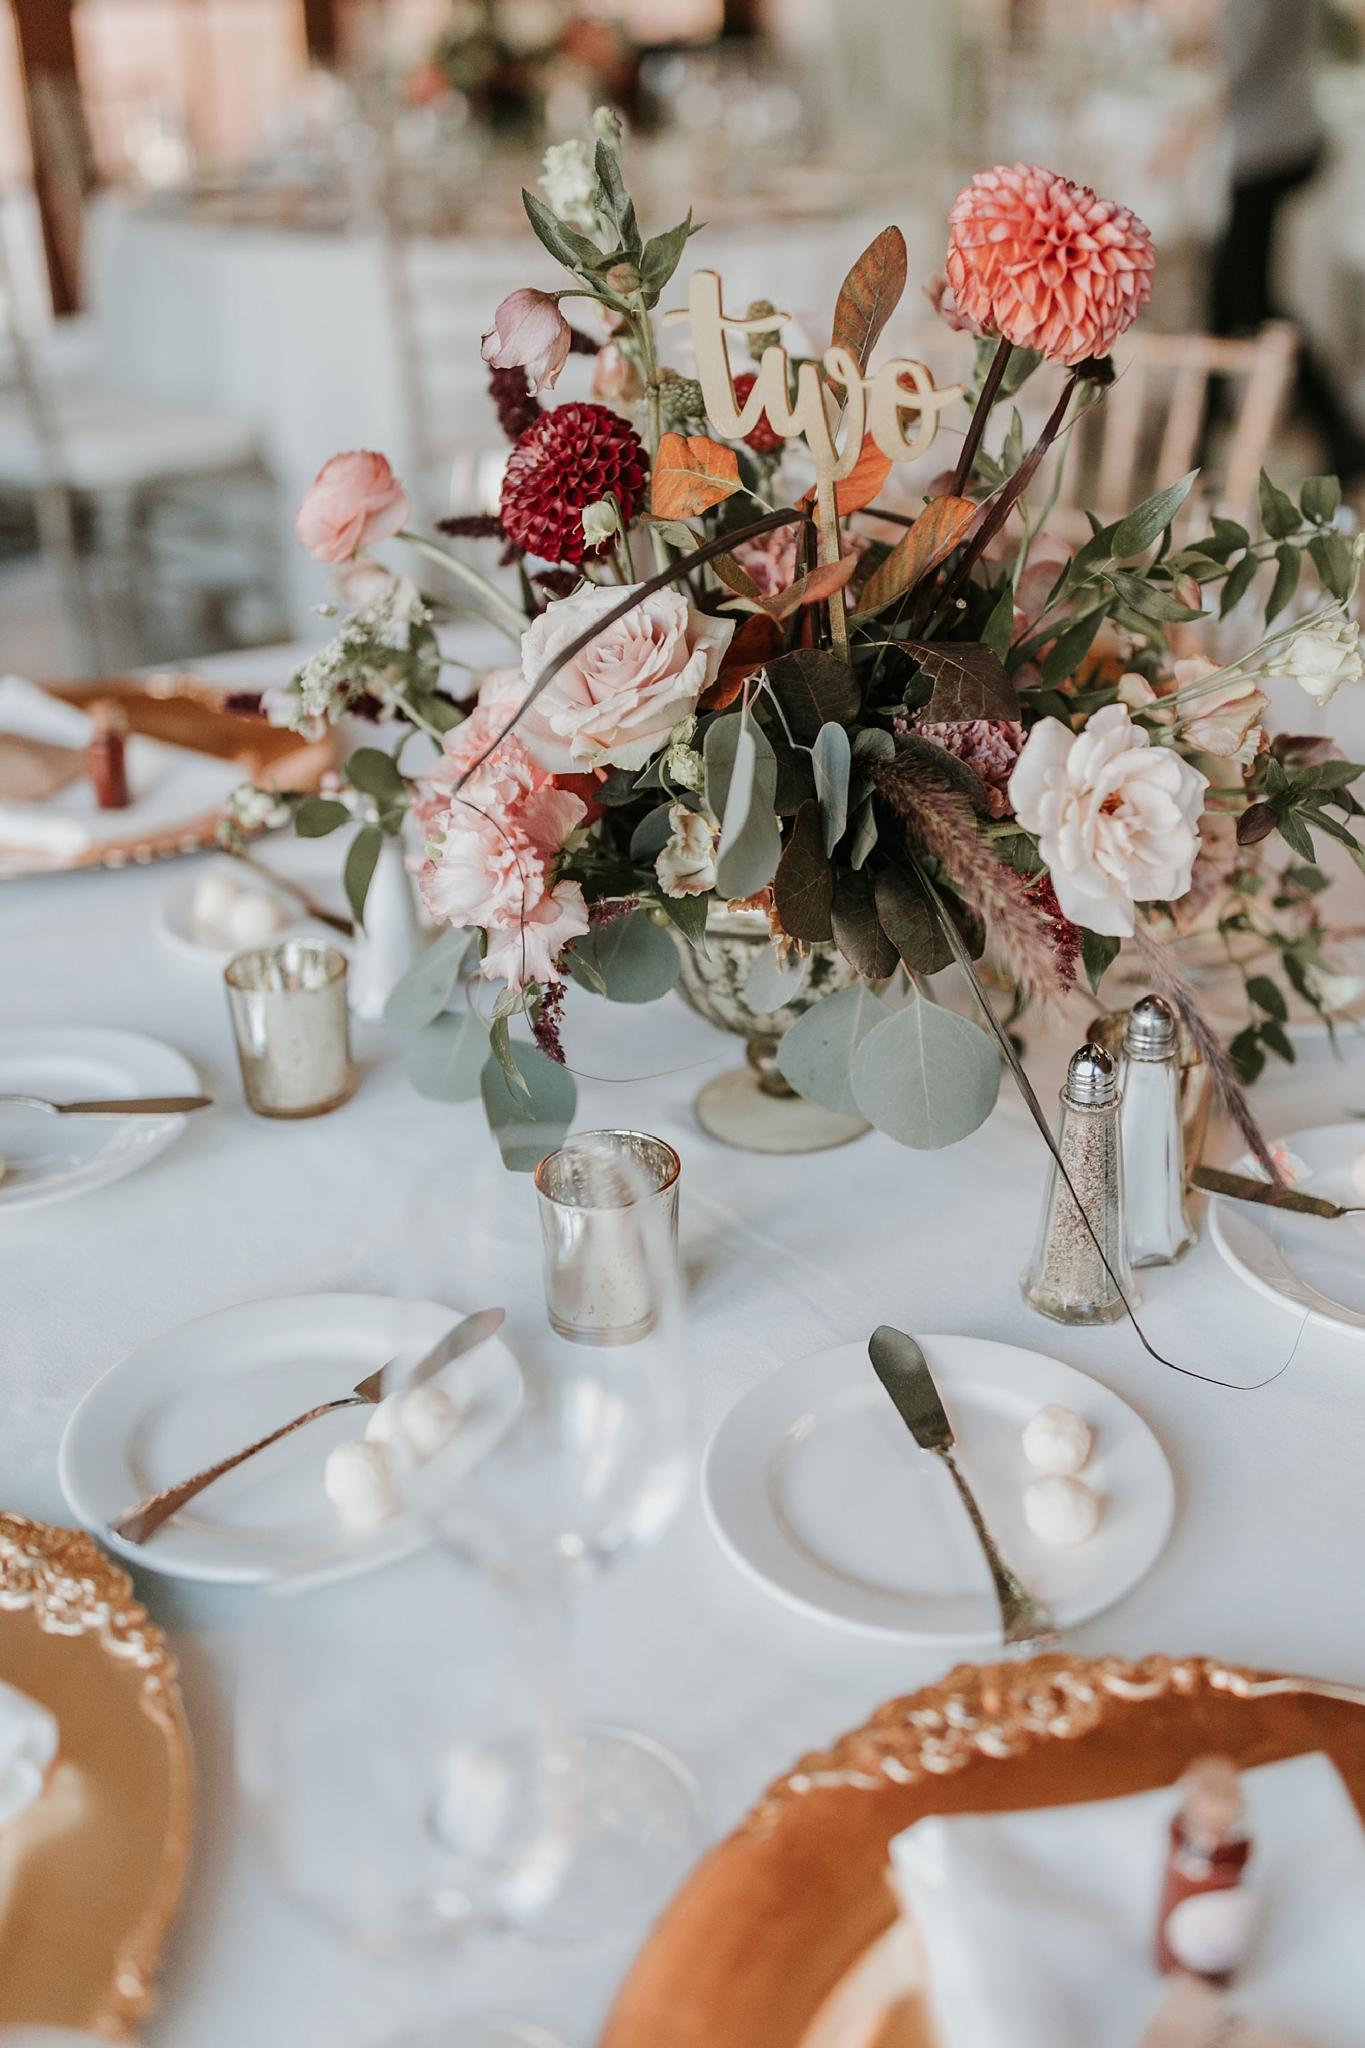 Alicia+lucia+photography+-+albuquerque+wedding+photographer+-+santa+fe+wedding+photography+-+new+mexico+wedding+photographer+-+new+mexico+florist+-+wedding+florist+-+renegade+floral_0108.jpg